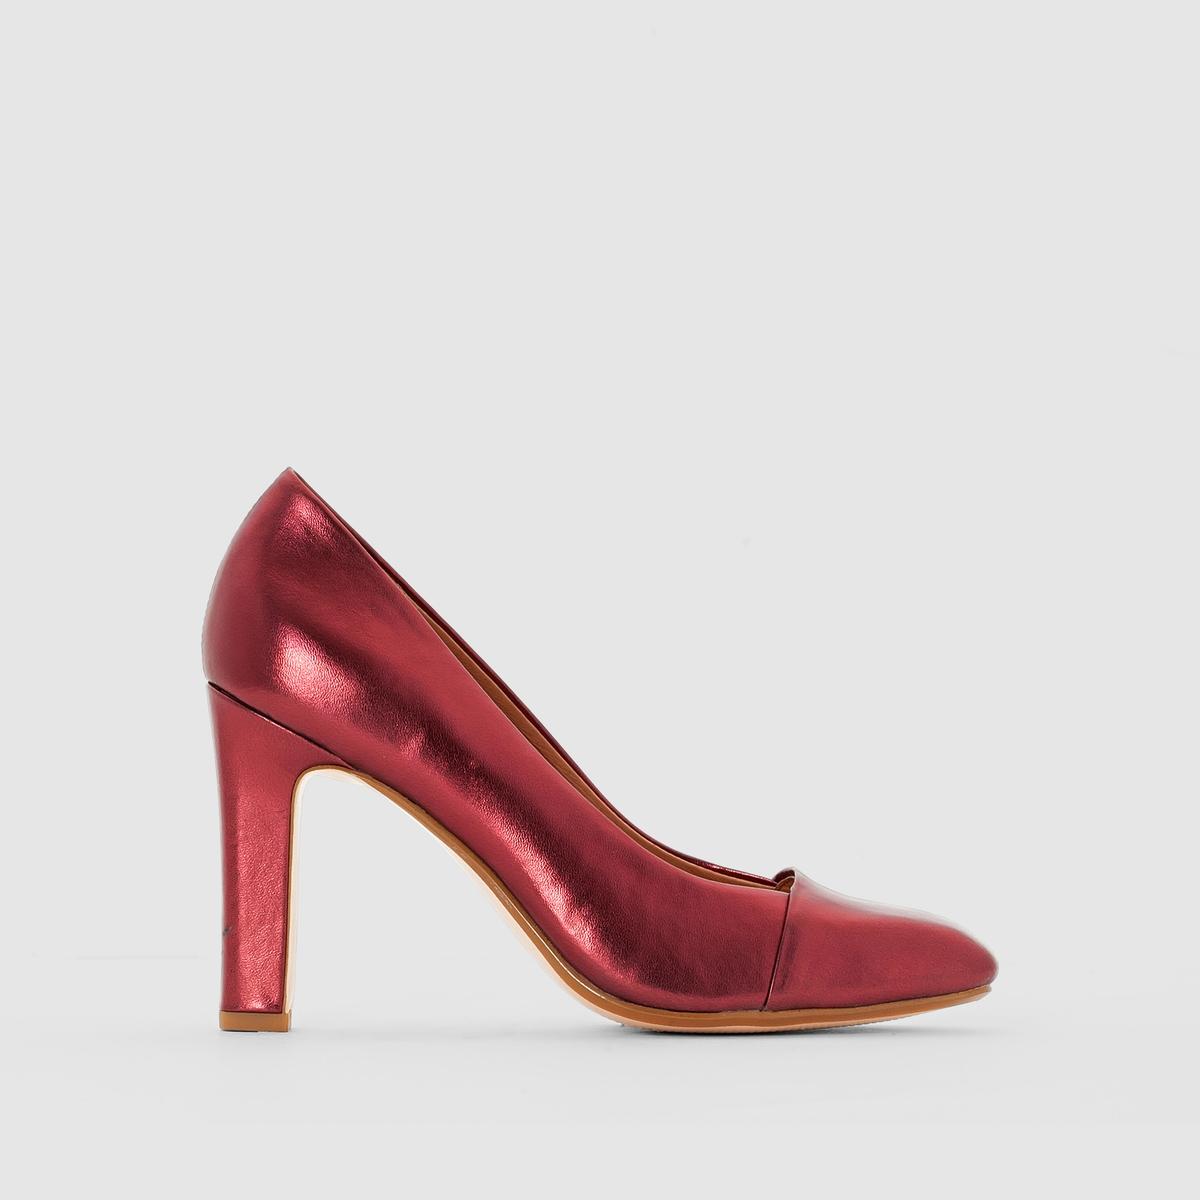 Туфли на высоком каблукеМарка : R studioВерх : синтетикаПодкладка : кожаСтелька : кожаПодошва : эластомерКаблук : 9 смЗастежка : без застежки<br><br>Цвет: бордовый,черный<br>Размер: 36.38.36